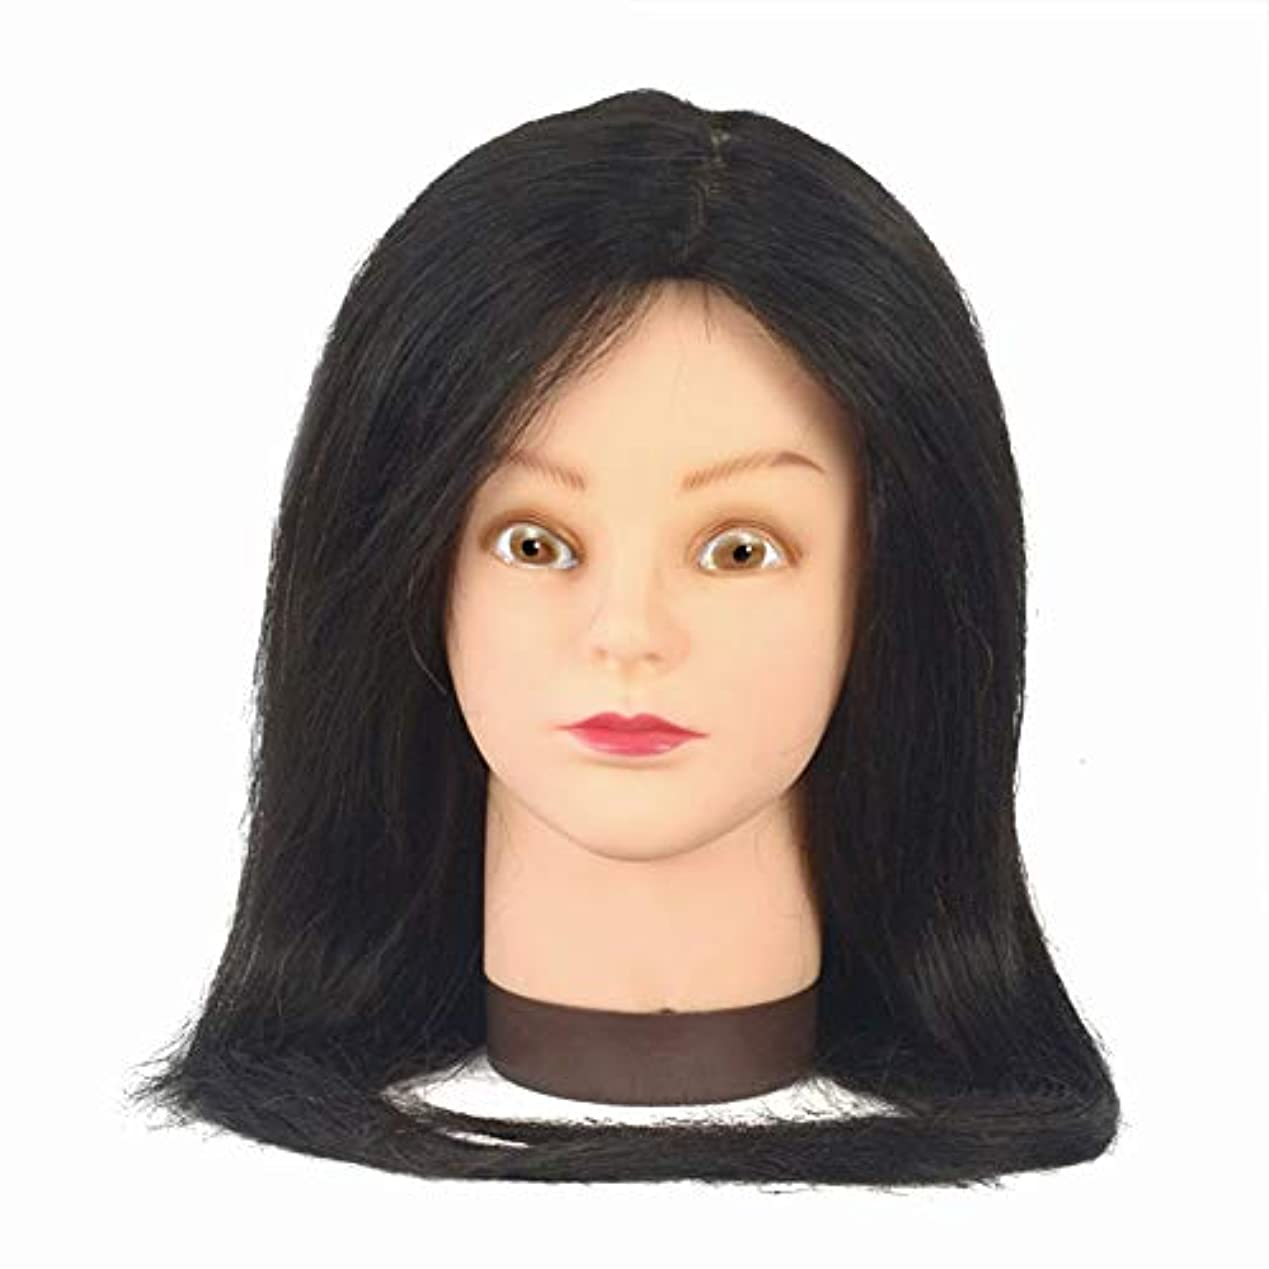 シャーク打倒対80%リアル人間の髪モデルヘッドサロン学習吹くことができますパーマ髪染めダミーヘッド編集ヘア練習ヘッドモデル,Black